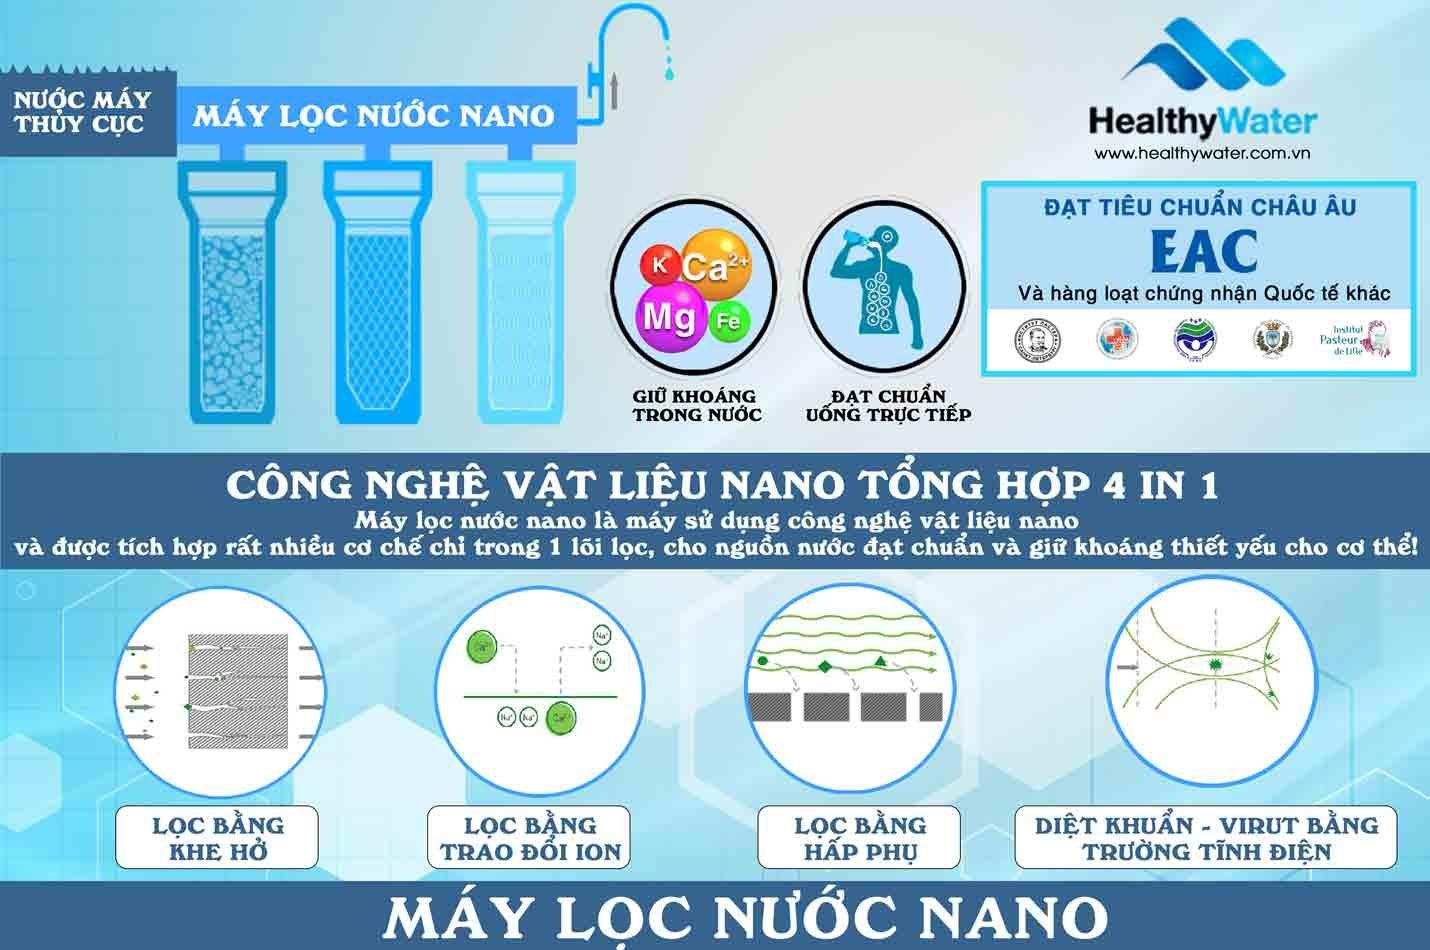 Máy lọc nước nano cho nguồn nước đạt chuẩn và giàu khoáng chất thiết yếu